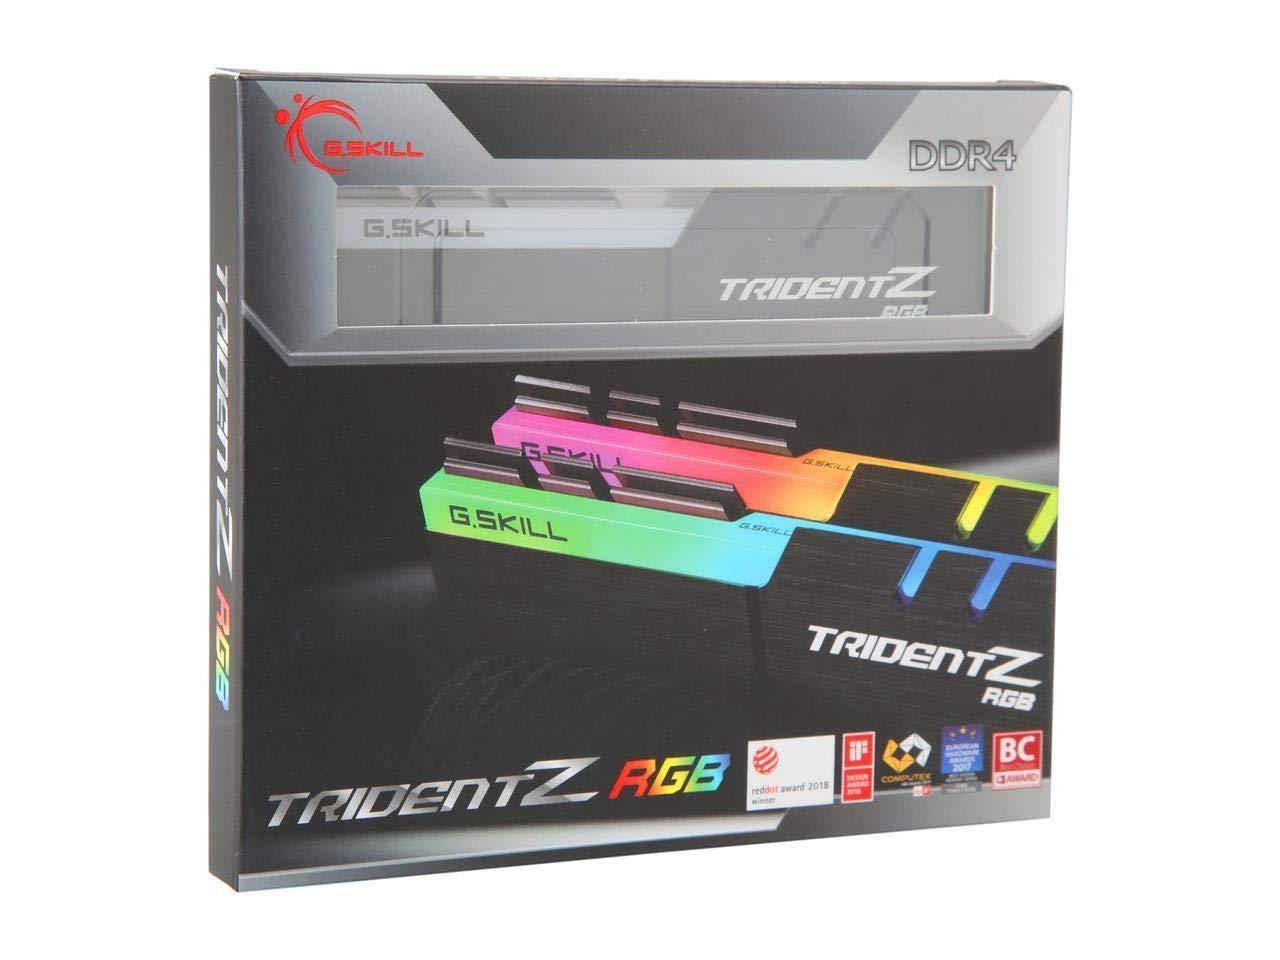 G.Skill TridentZ RGB Series 32GB (2 x 16GB) 288-Pin DDR4 SDRAM DDR4 3000 (PC4 24000) Desktop Memory F4-3000C16D-32GTZR